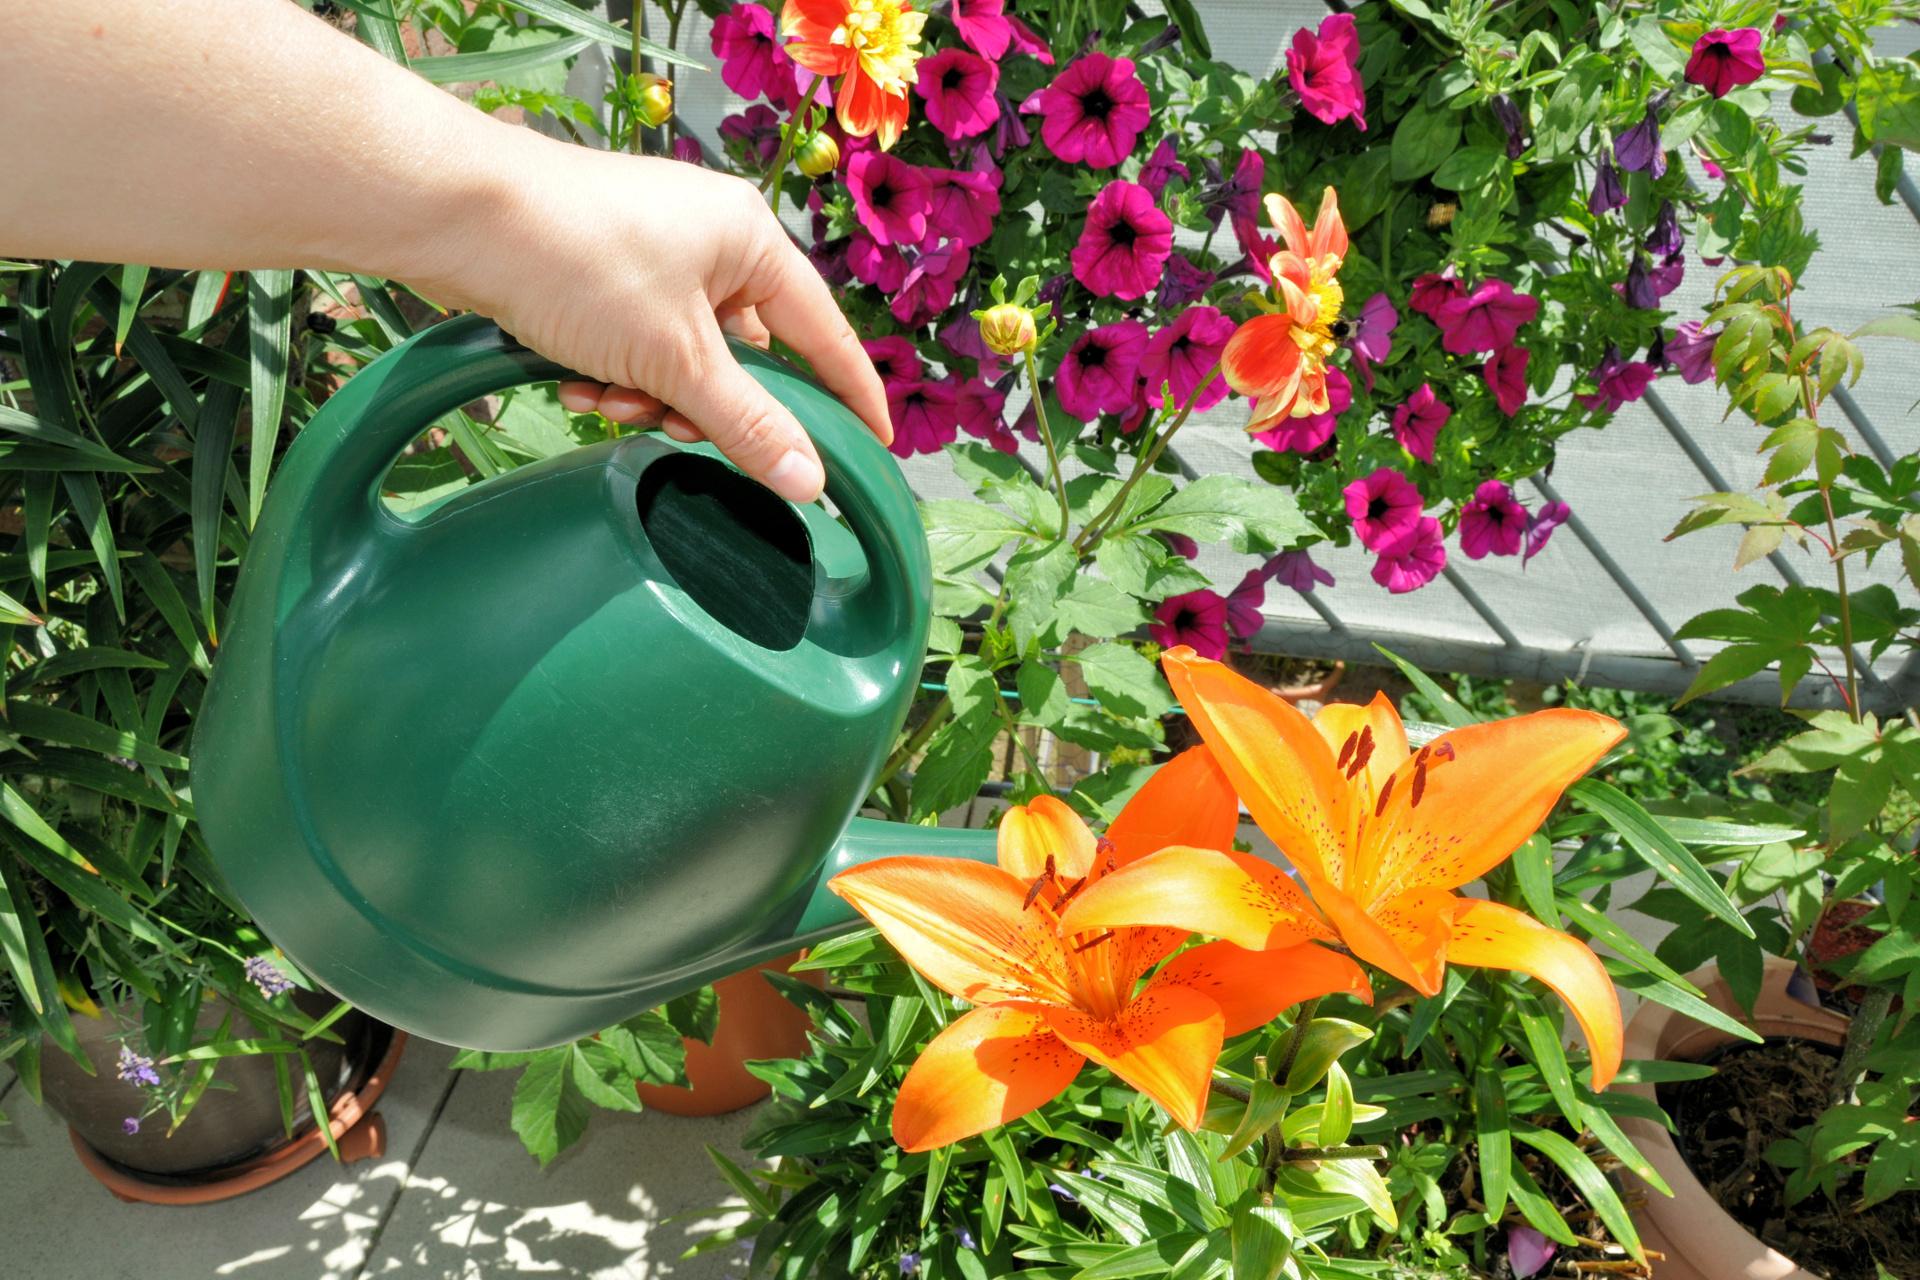 pflanzen gießen im urlaub: 7 tricks - so geht's richtig | preis.de